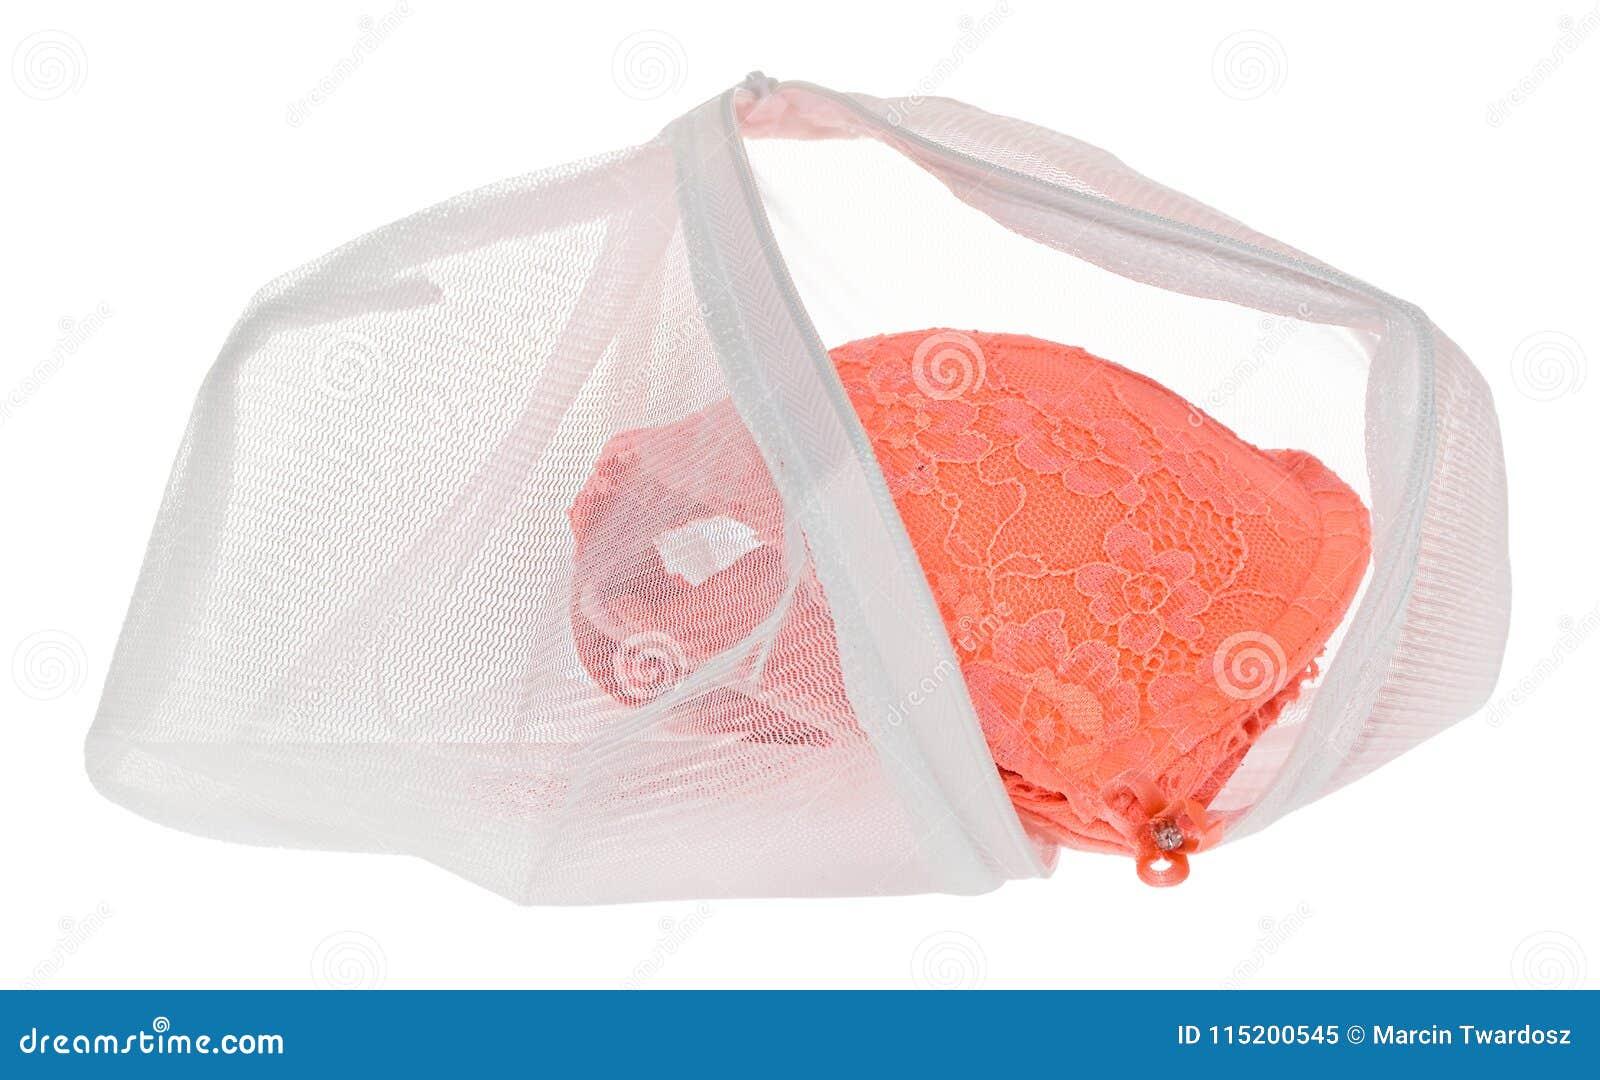 Τσάντα πλυσίματος για τα λεπτά ενδύματα, παπούτσια, εσώρουχο, στηθόδεσμος Ένα πλυντήριο